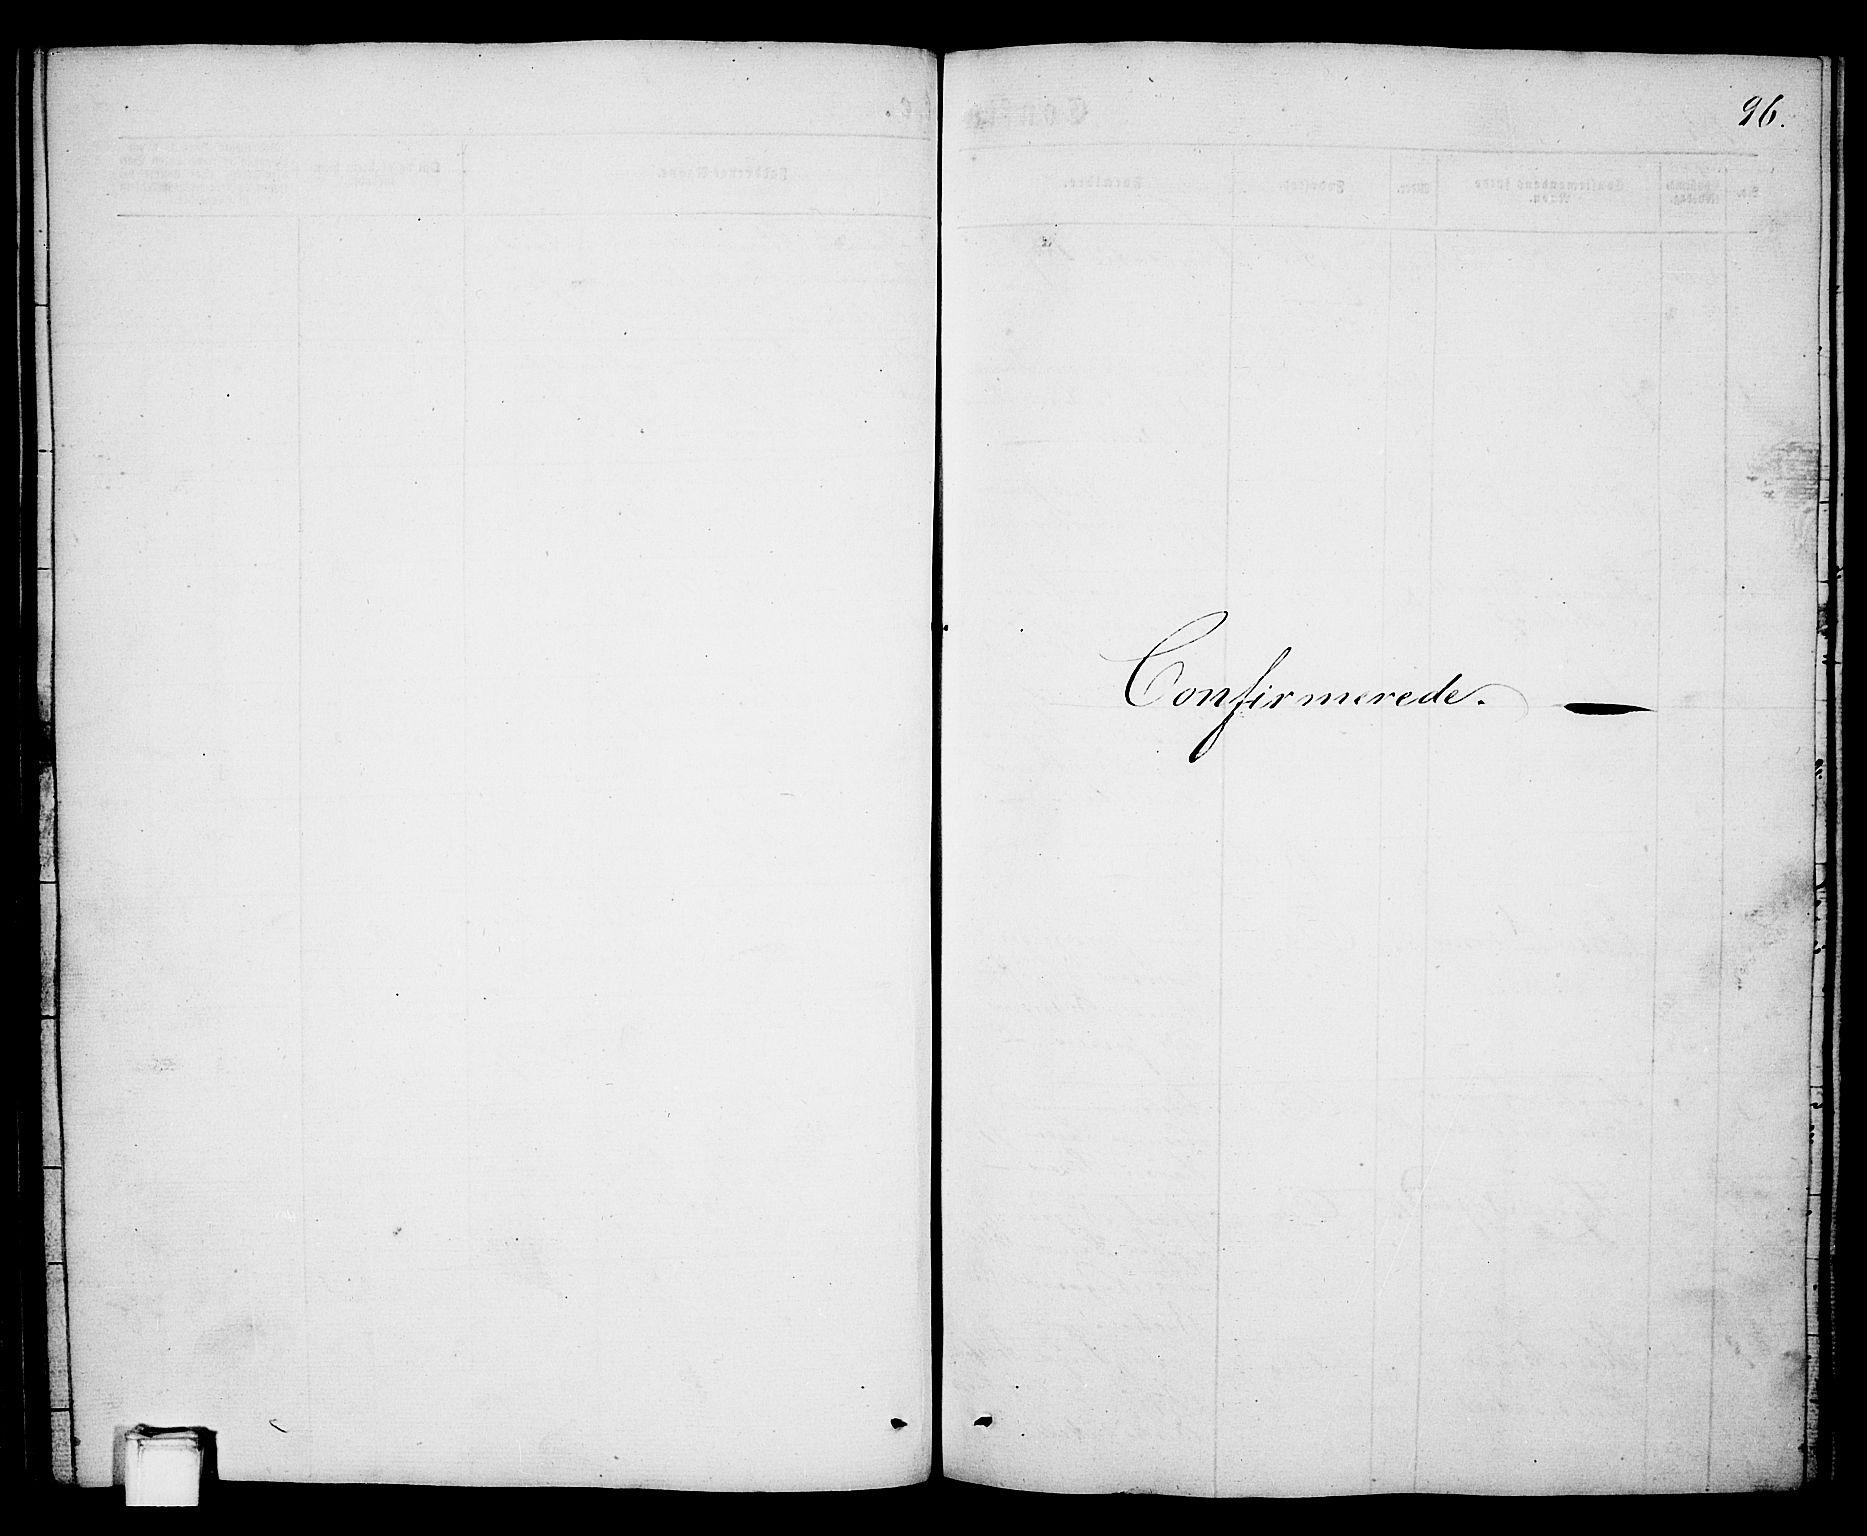 SAKO, Porsgrunn kirkebøker , G/Ga/L0002: Klokkerbok nr. I 2, 1847-1877, s. 96